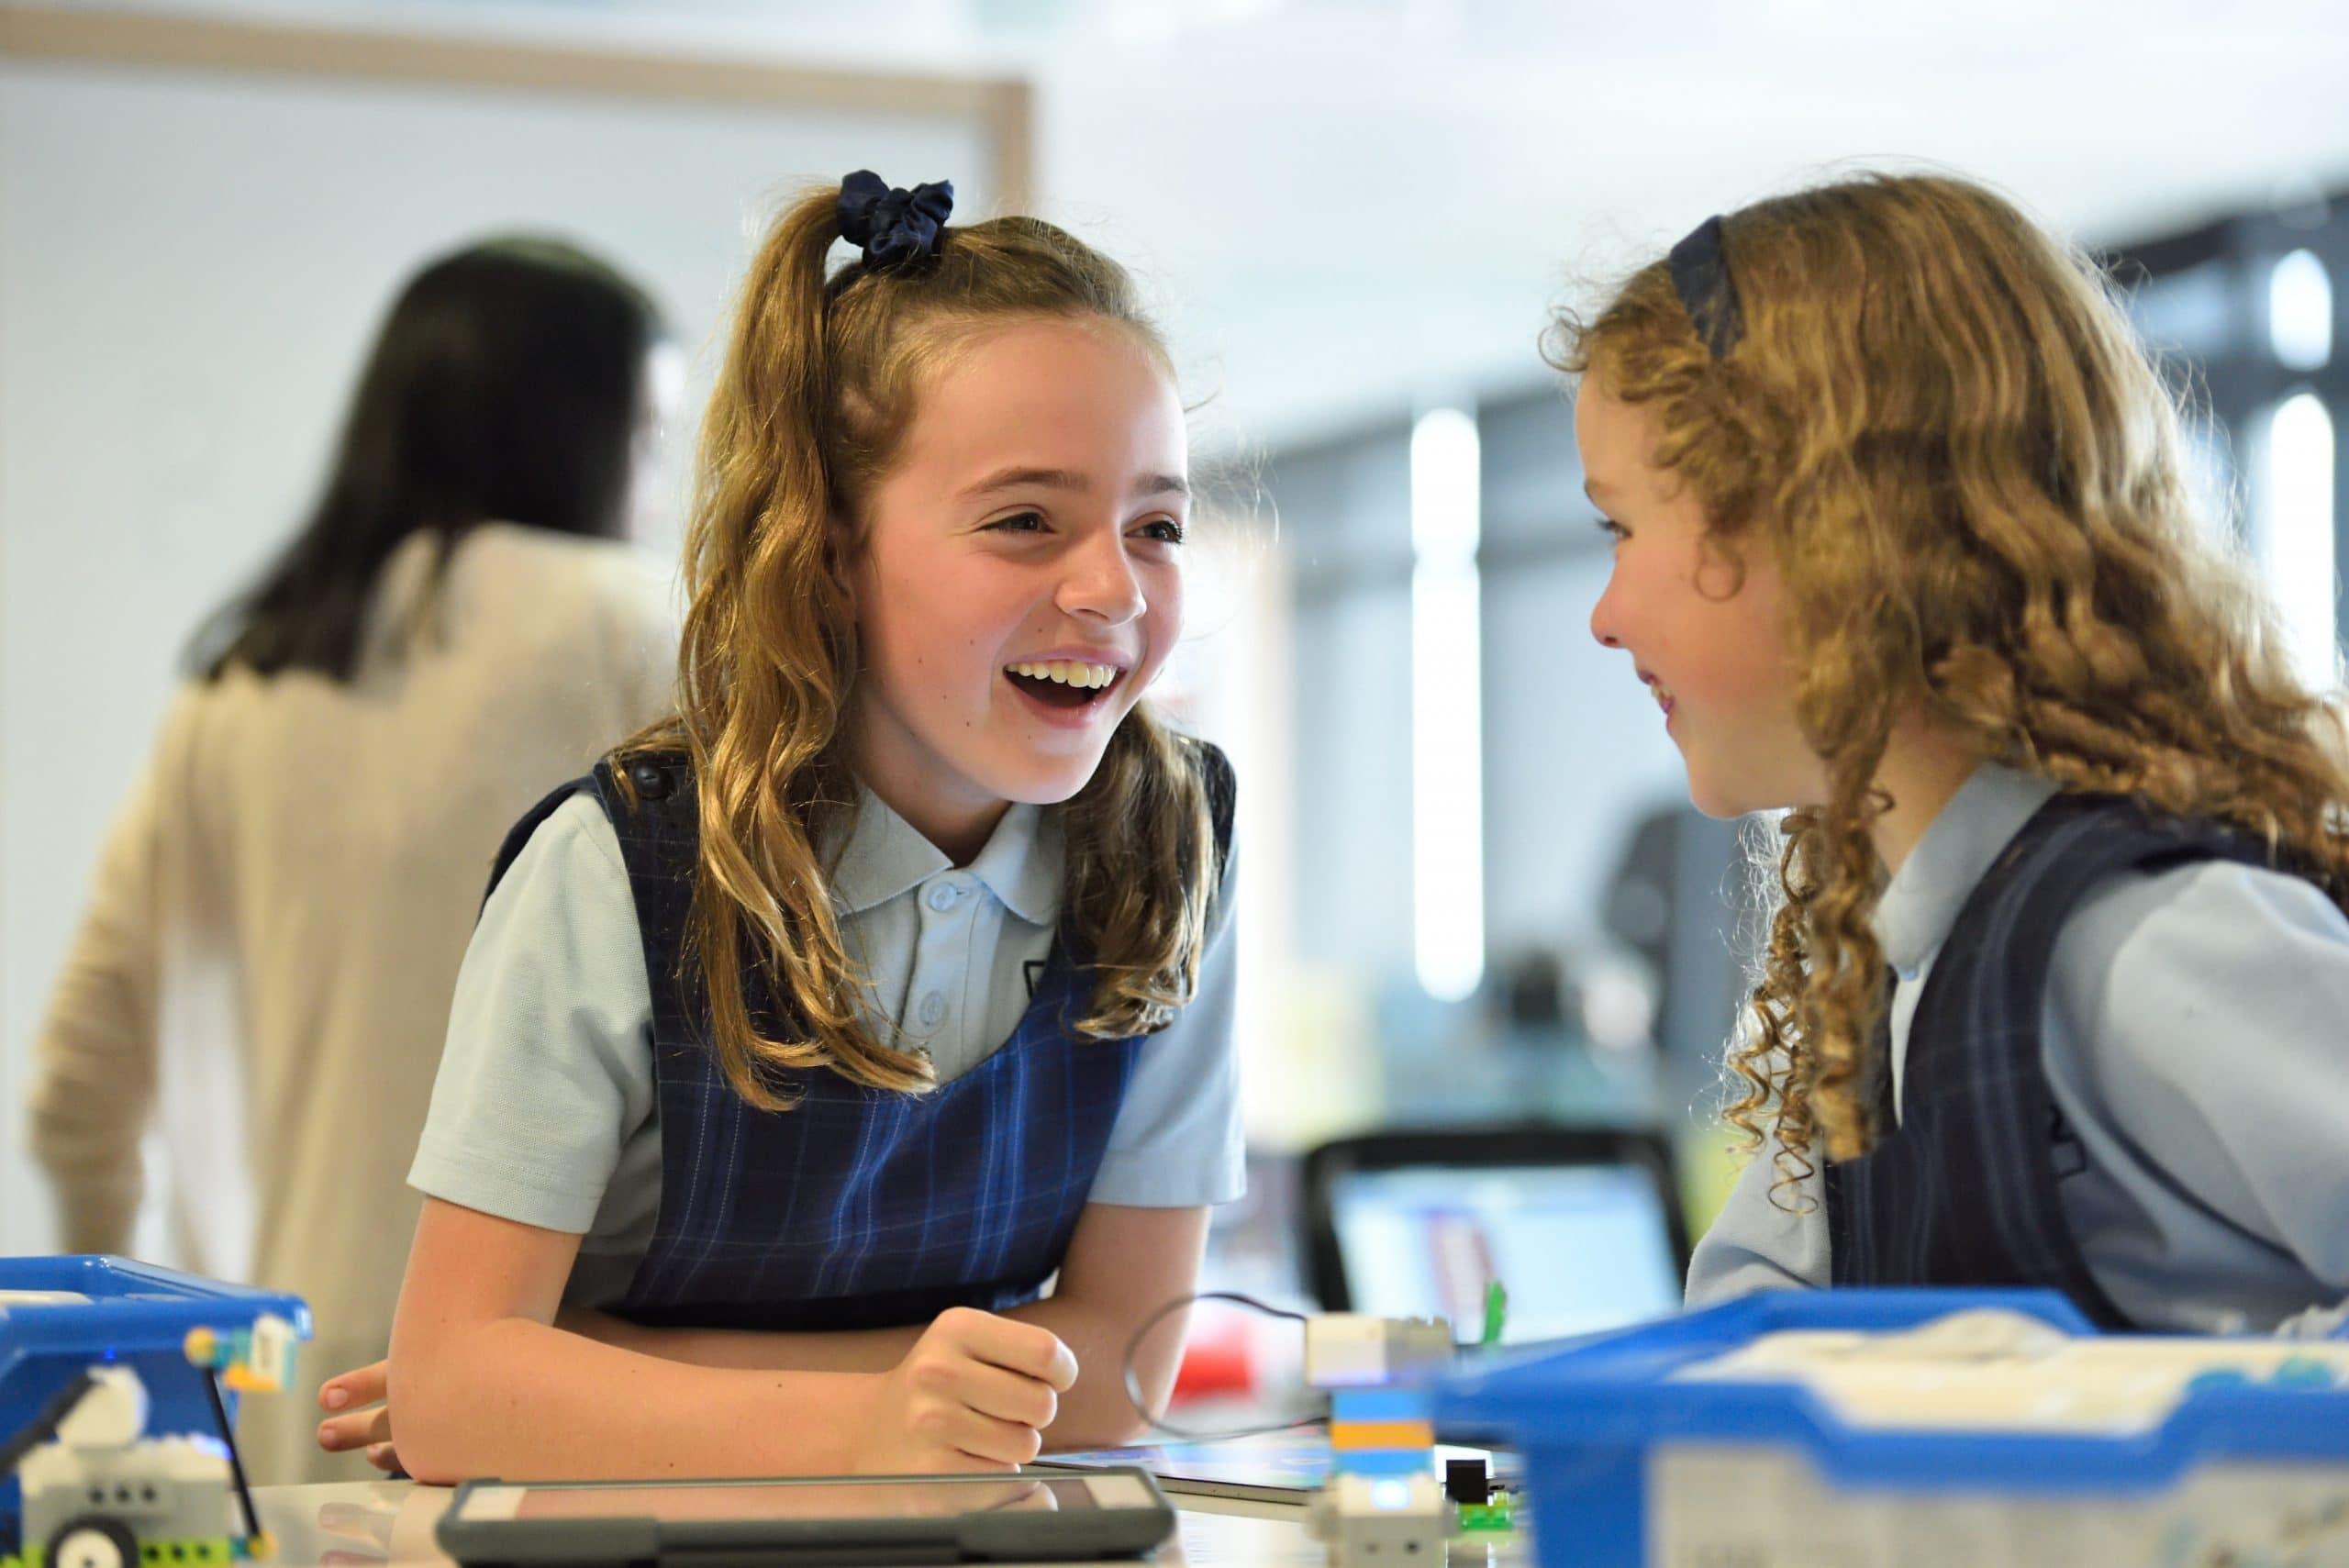 Schoolgirls chatting in classroom